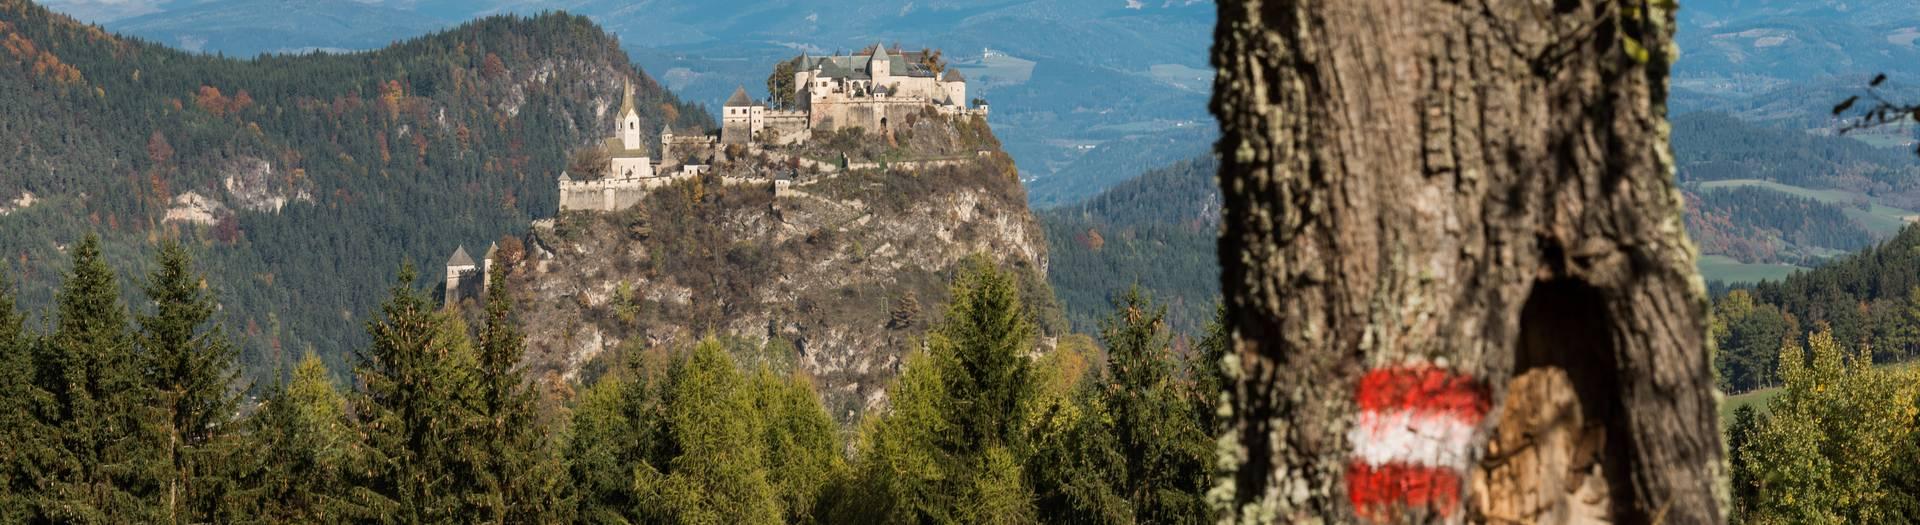 Blick auf die Burg Hochosterwitz in der Region Mittelkärnten